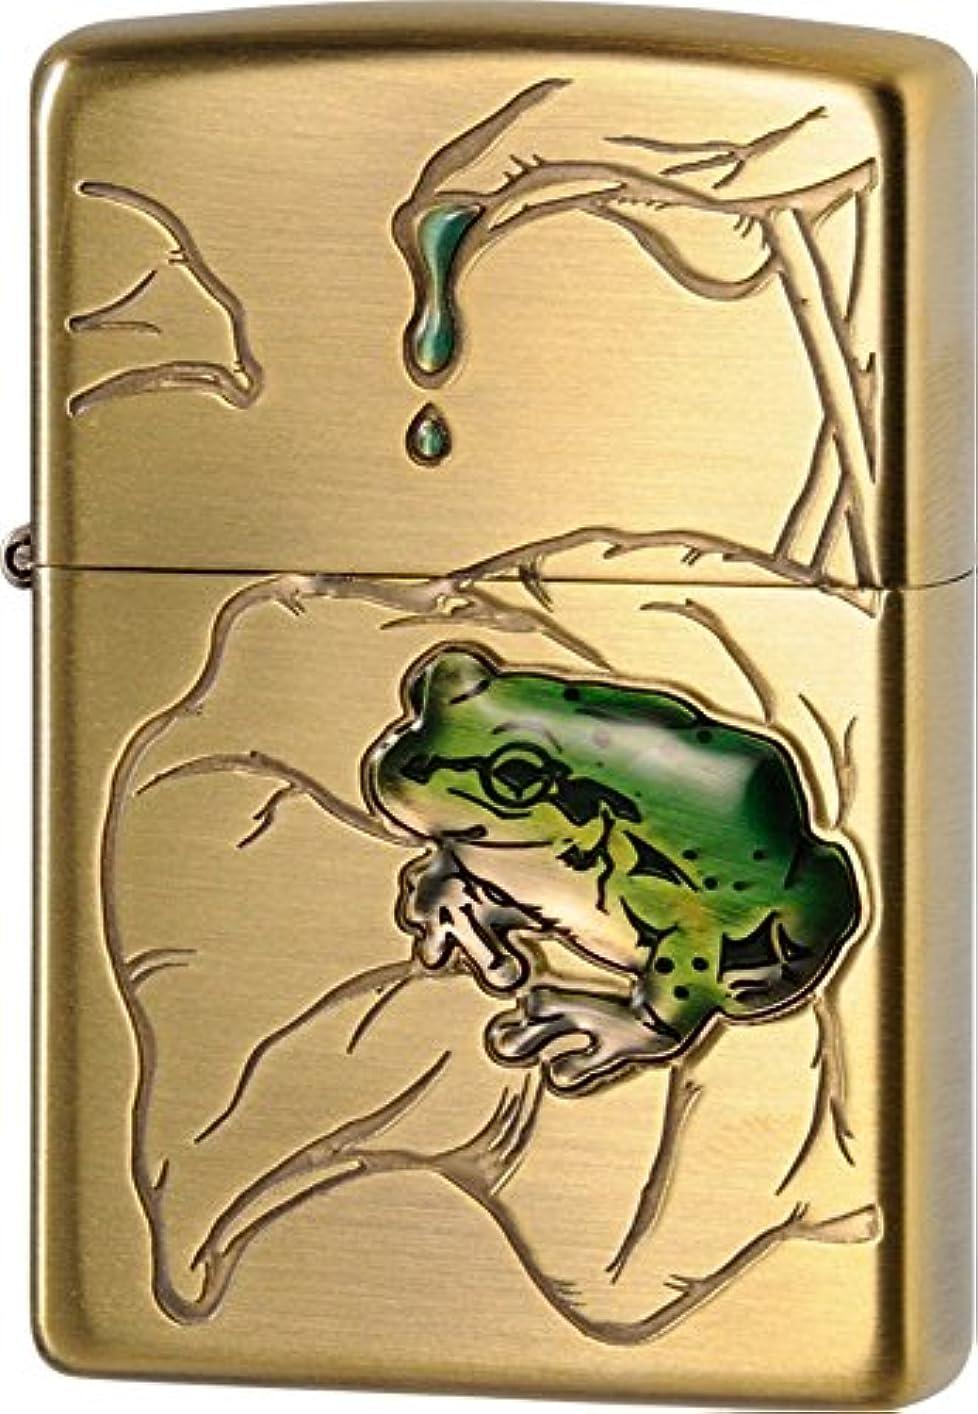 クラブ批判的選出するZIPPO(ジッポー) ライター 蛙 真鍮古美?63430298